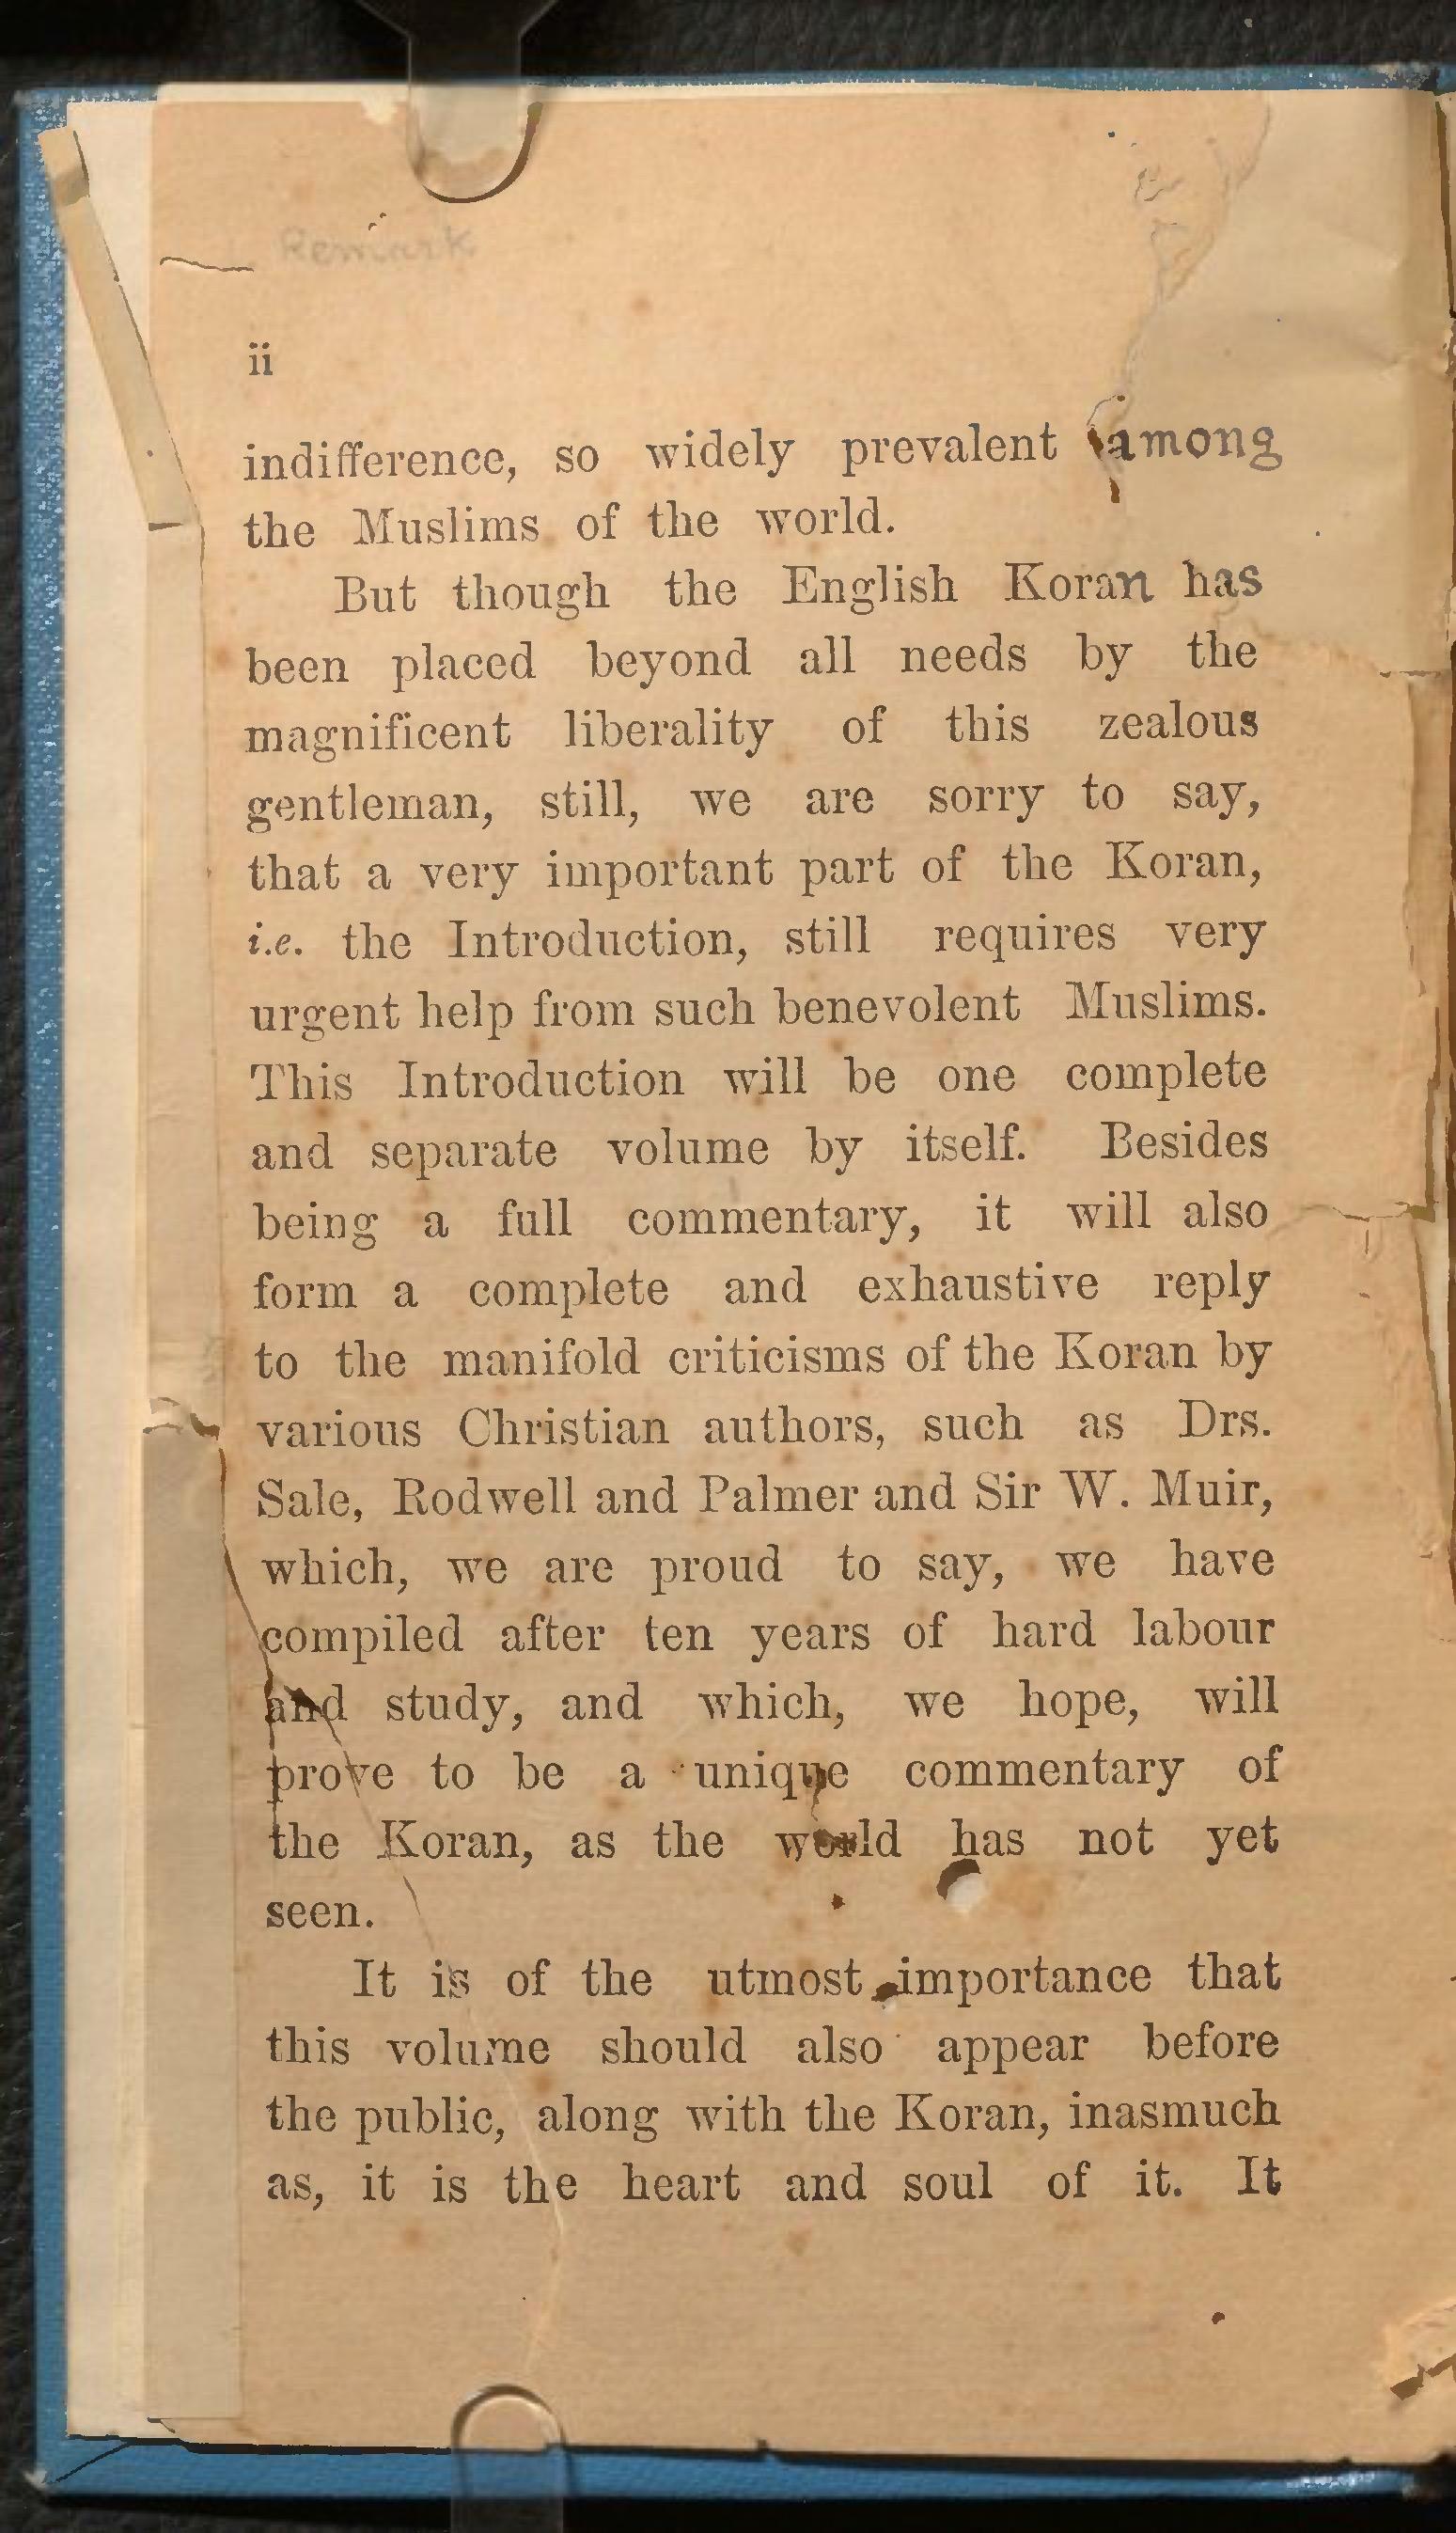 Hairat Dihlawi 1916 Quran Explorer, Page 3